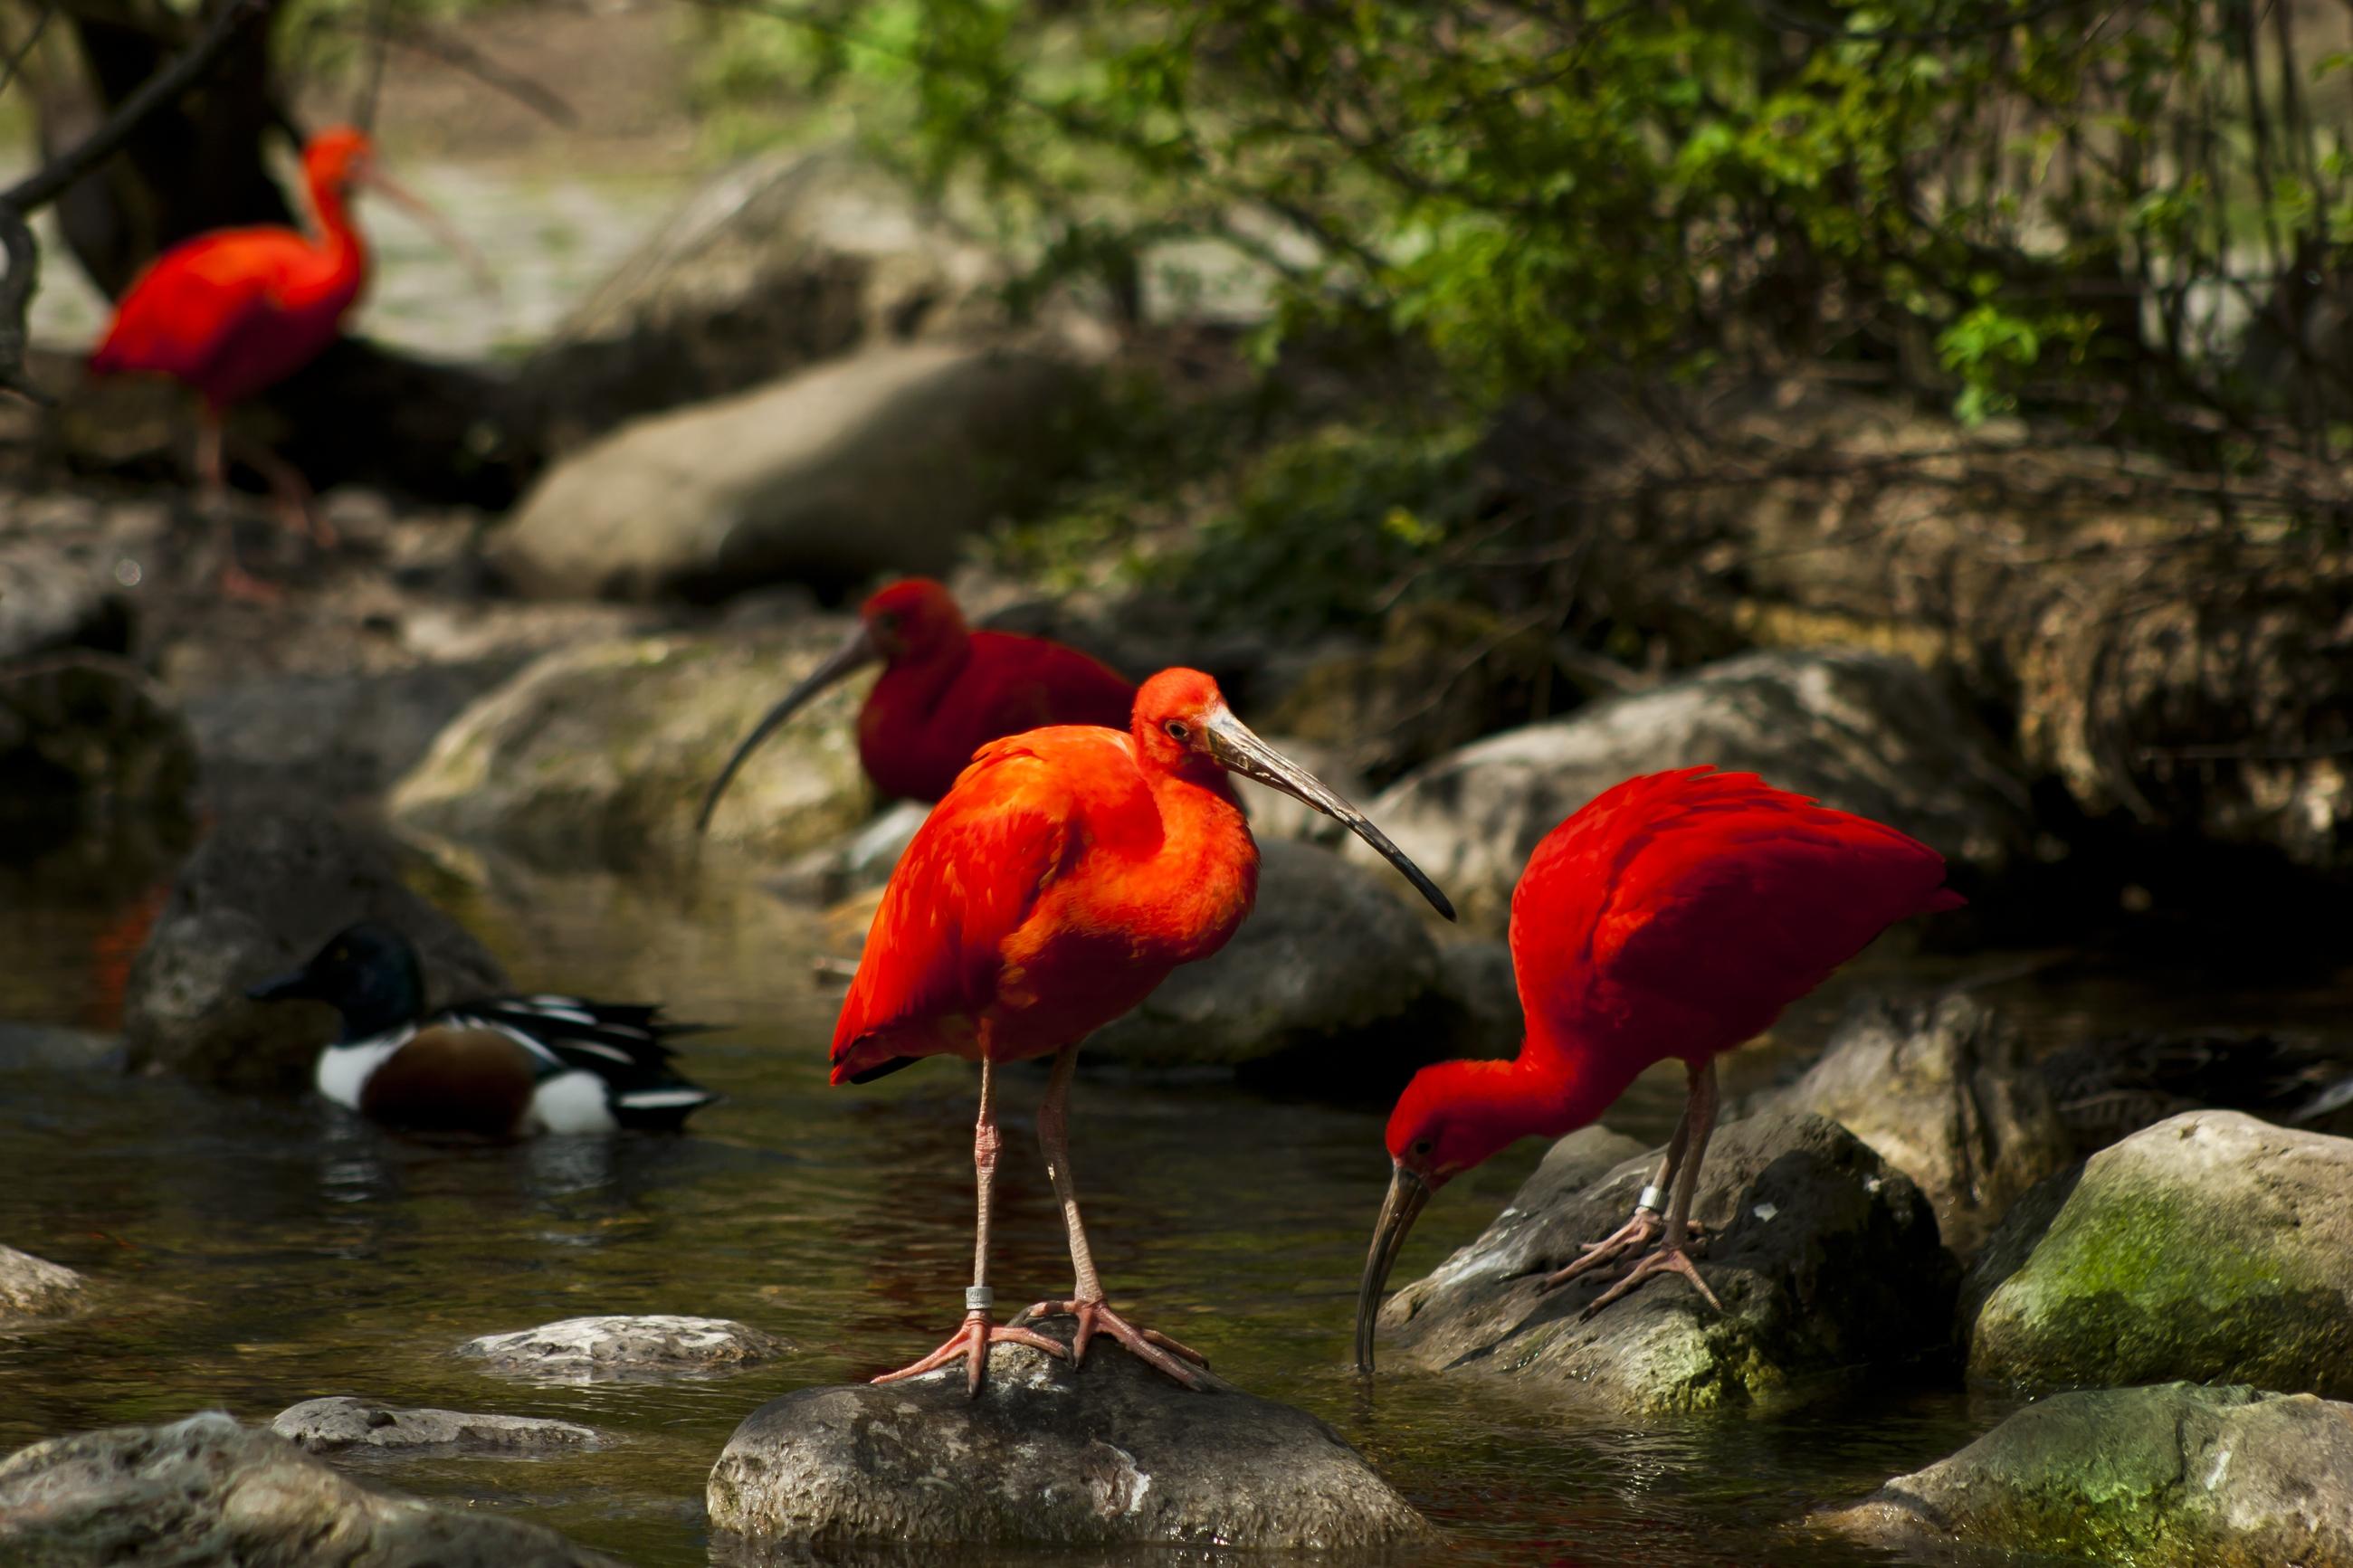 111498 Заставки и Обои Птицы на телефон. Скачать Птицы, Животные, Природа, Вода, Деревья, Камни, Мох, Ручей, Ибисы картинки бесплатно